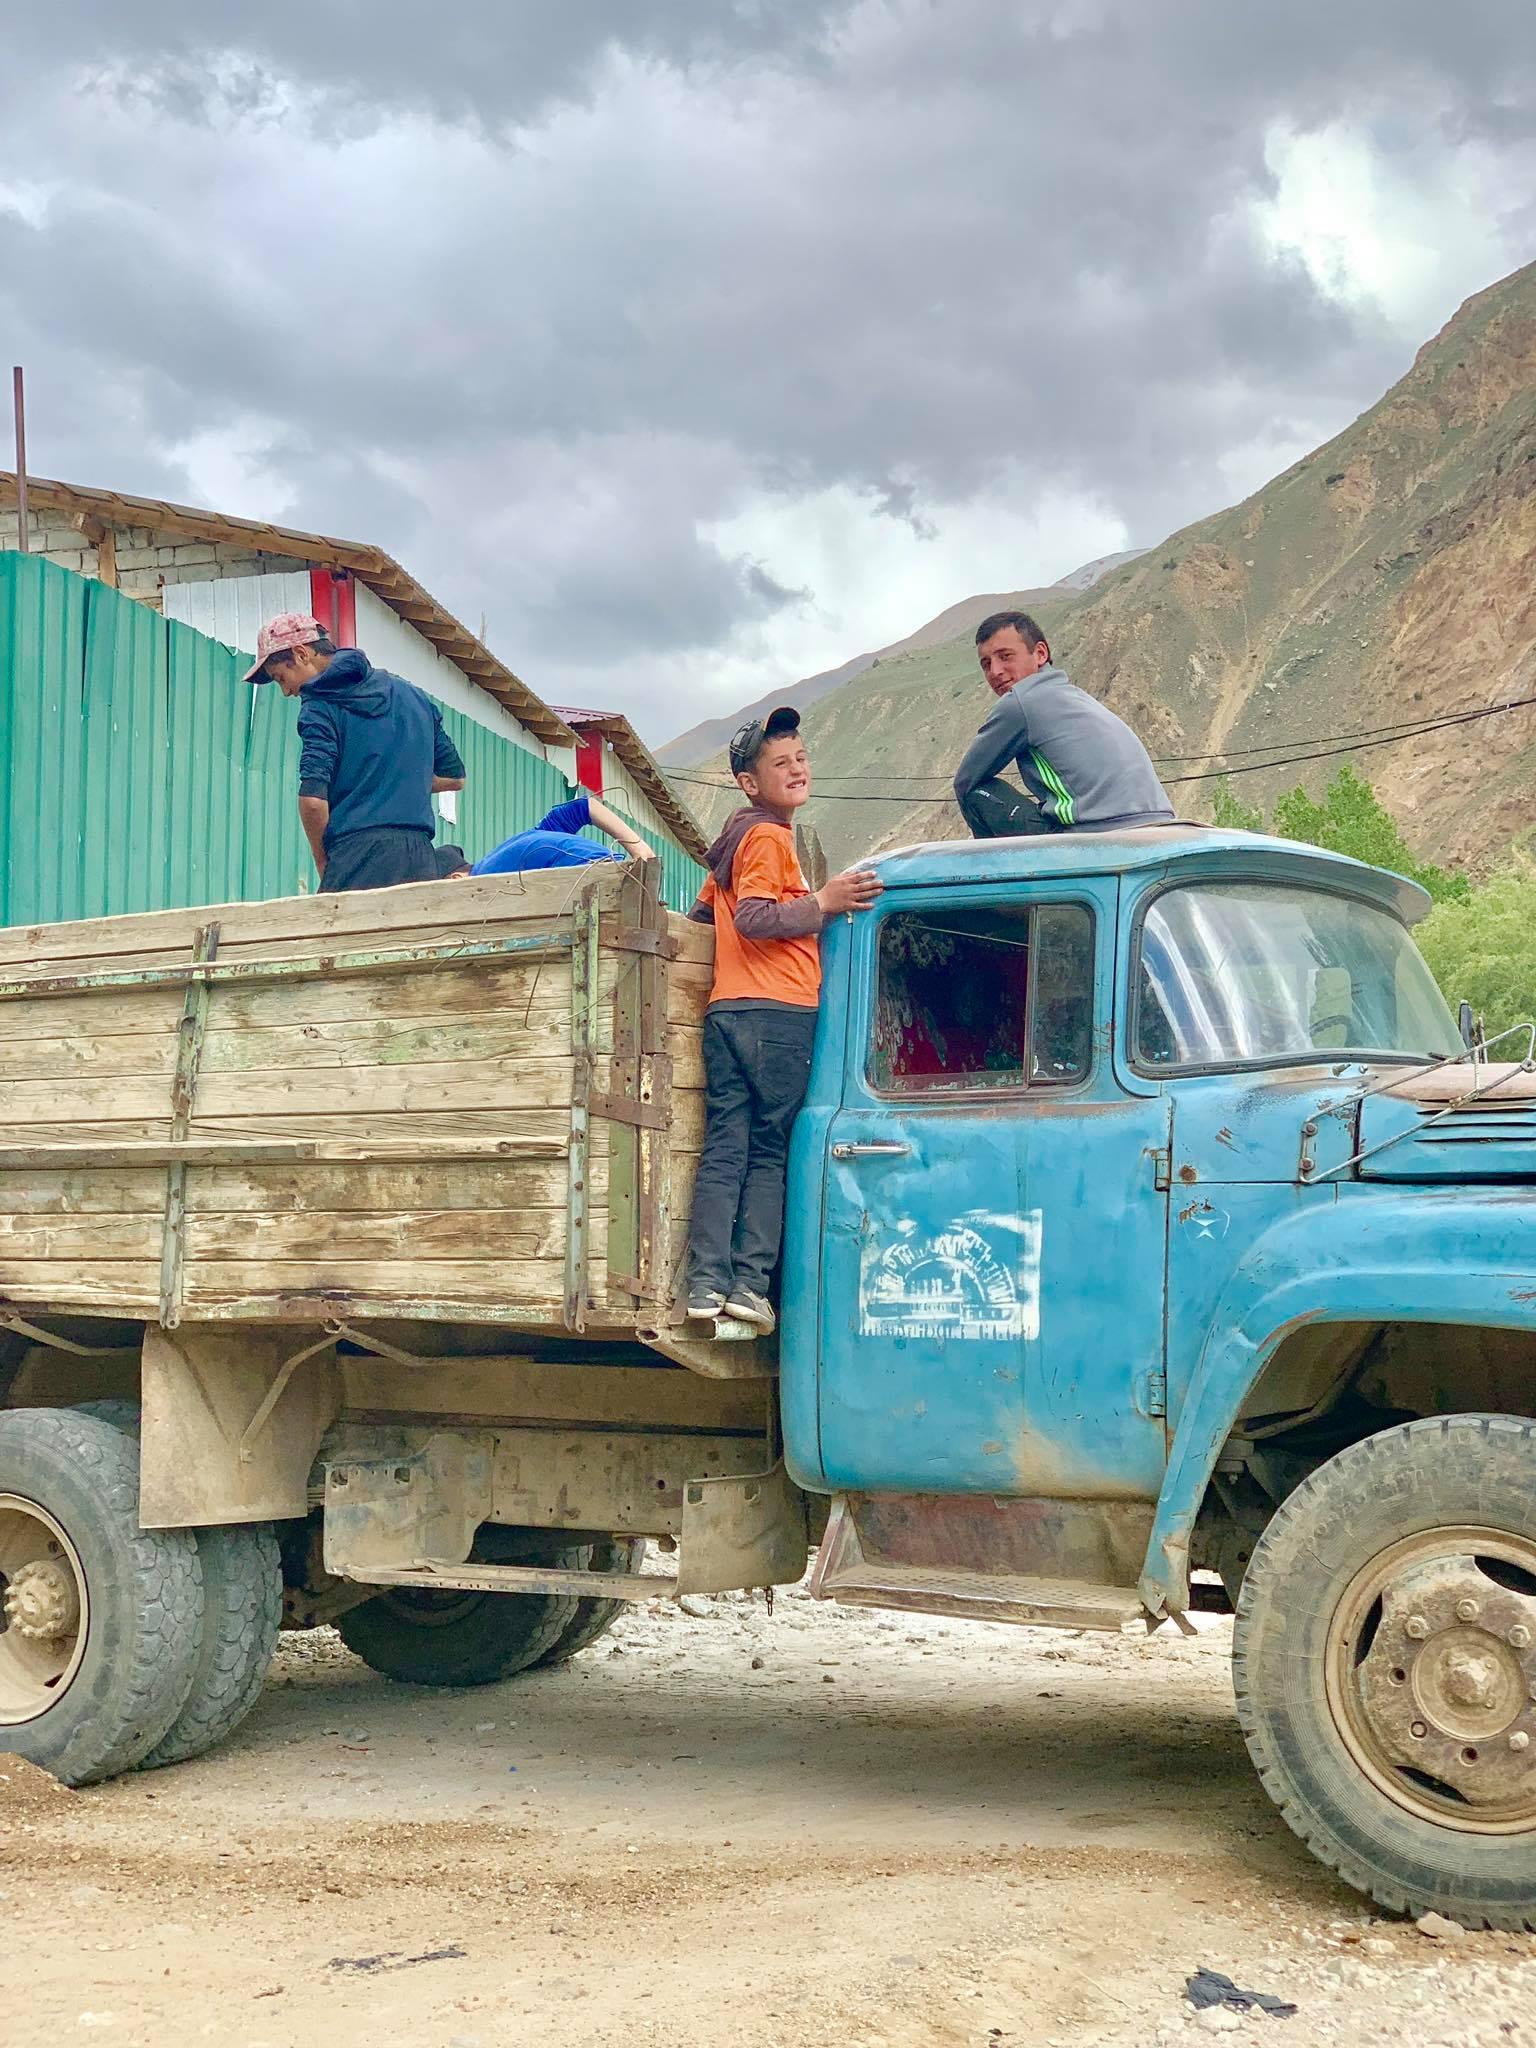 Kach Solo Travels in 2019 Pamir Highway Trip in Tajikistan5.jpg